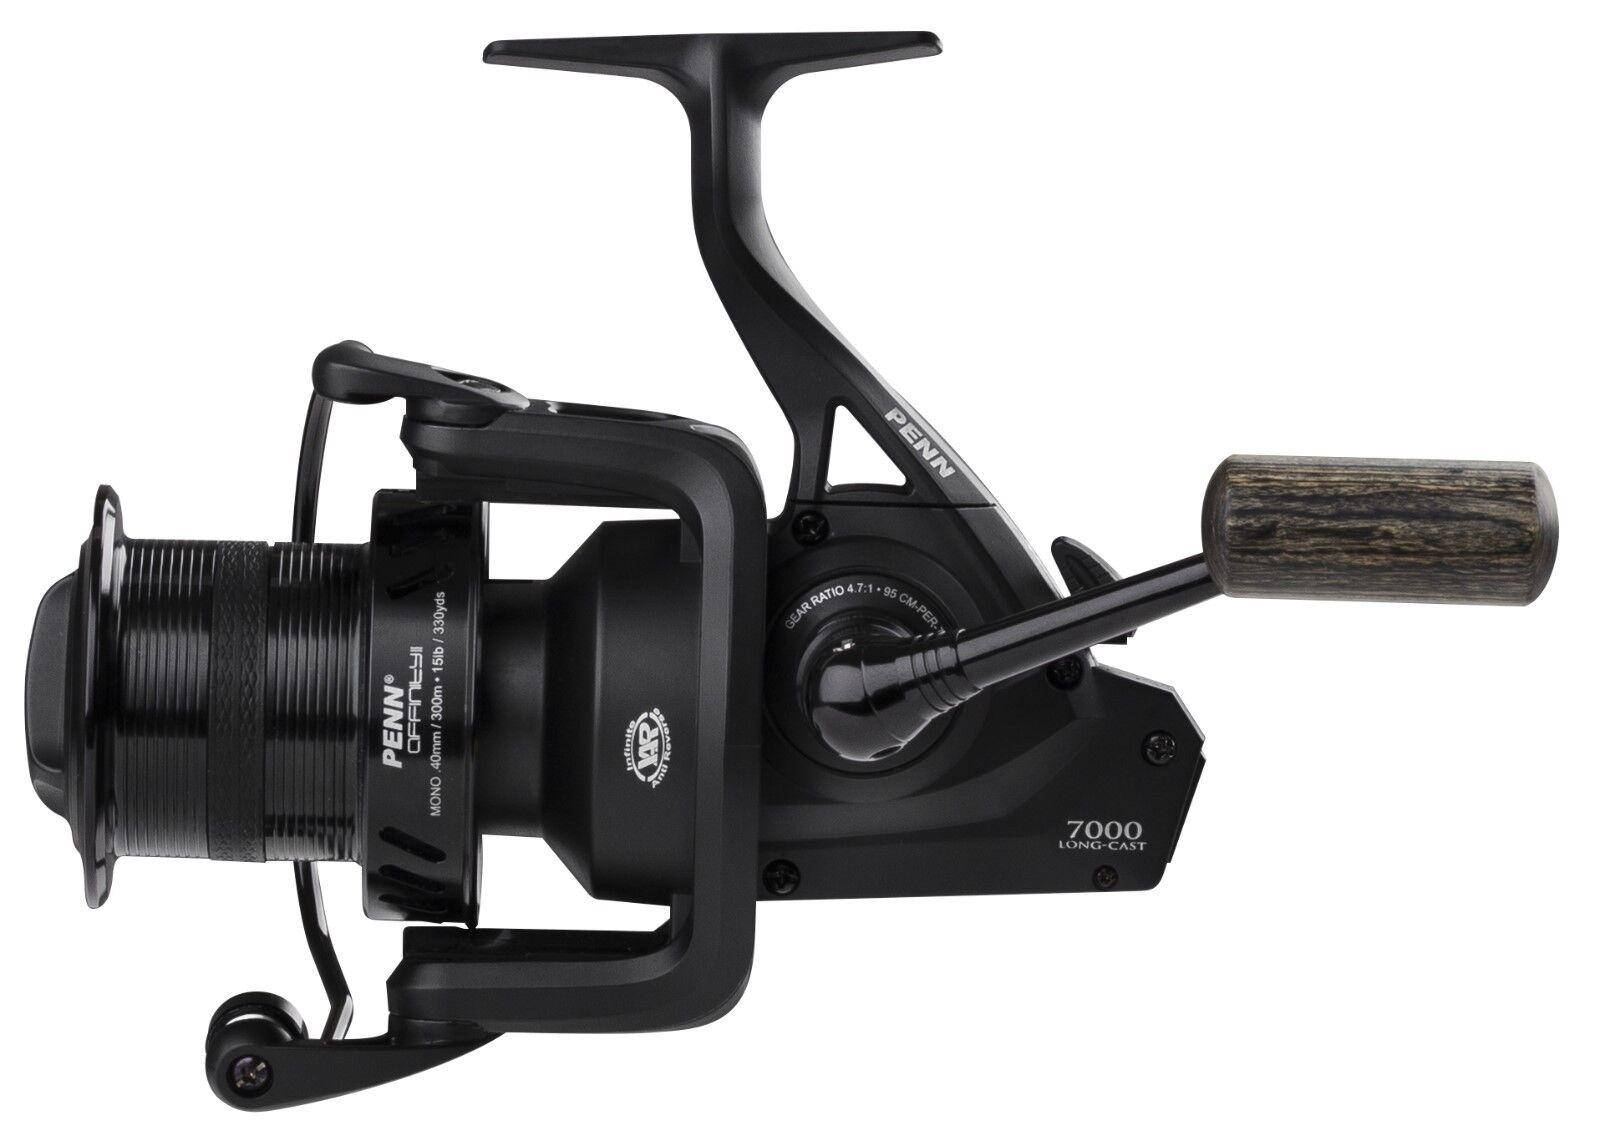 PENN AFFINITY II LC Sea / Reel Carp Fishing Reel / - All Größes 433100